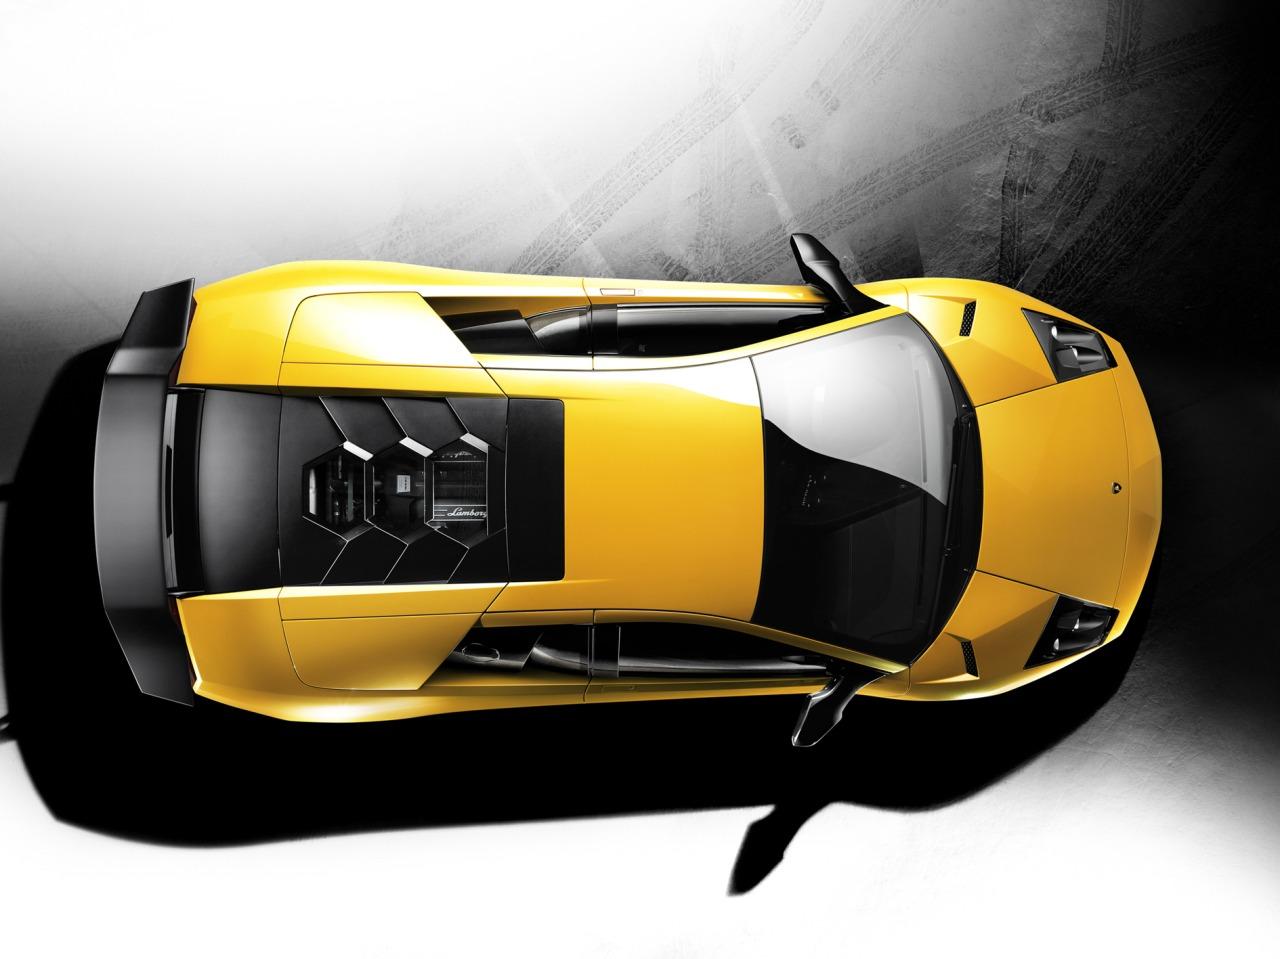 Lamborghini Murcielago Lp 670 4 Sv Superveloce